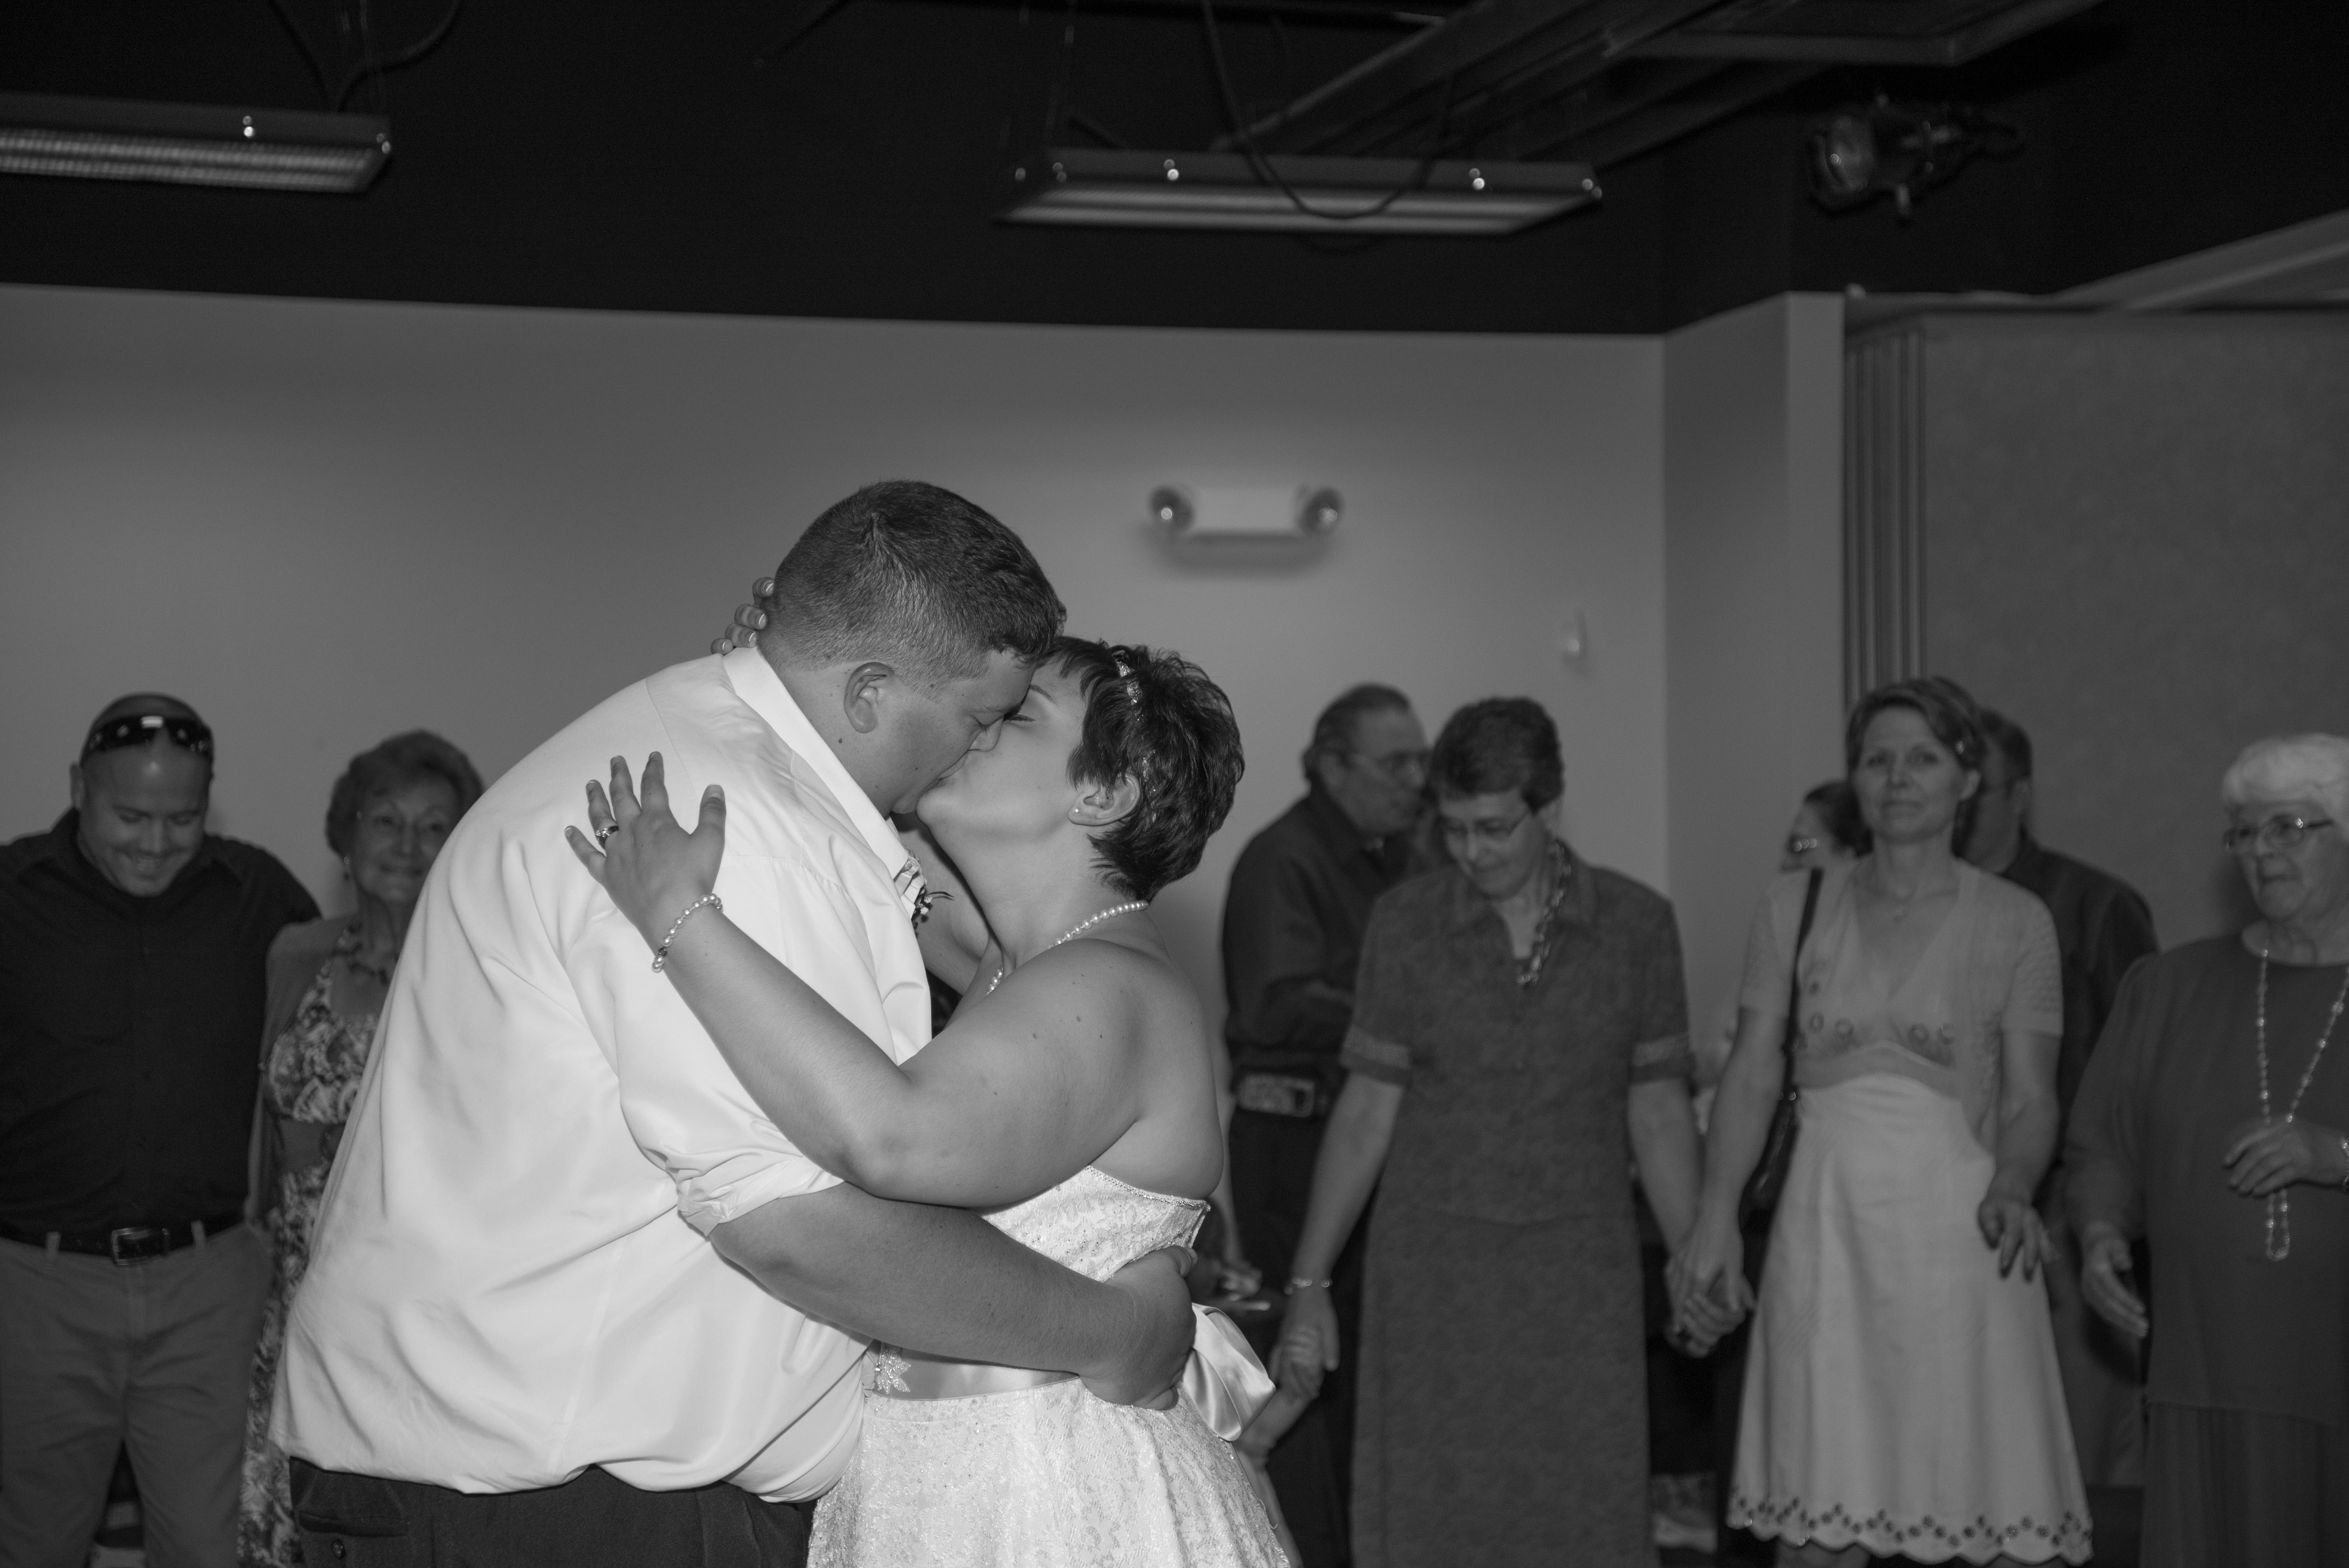 DeweyPhotography_Weddings_Binghamton_NY-46